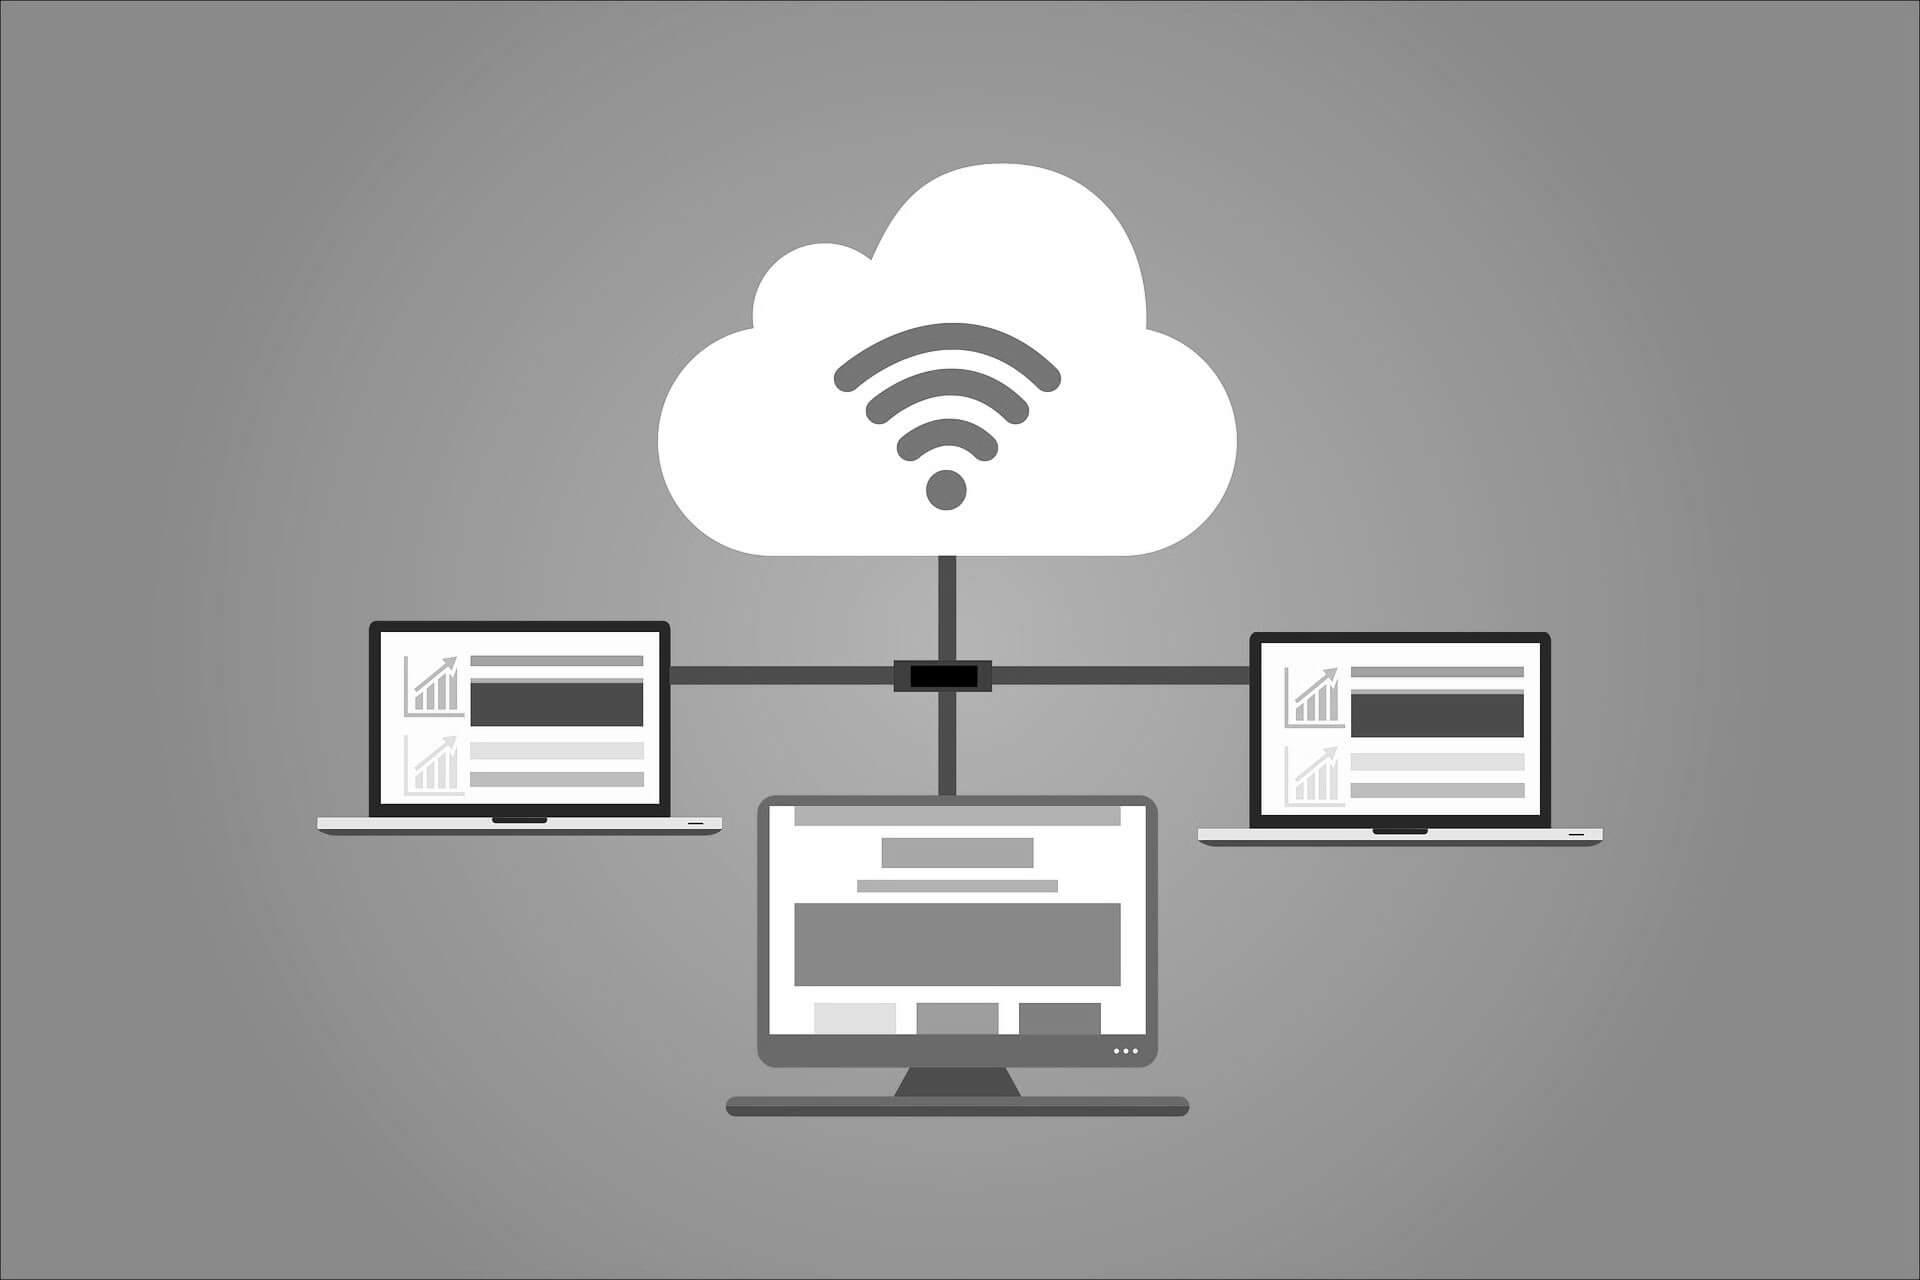 Symbolbild für die Funktionsweise einer cloud während COVID-19